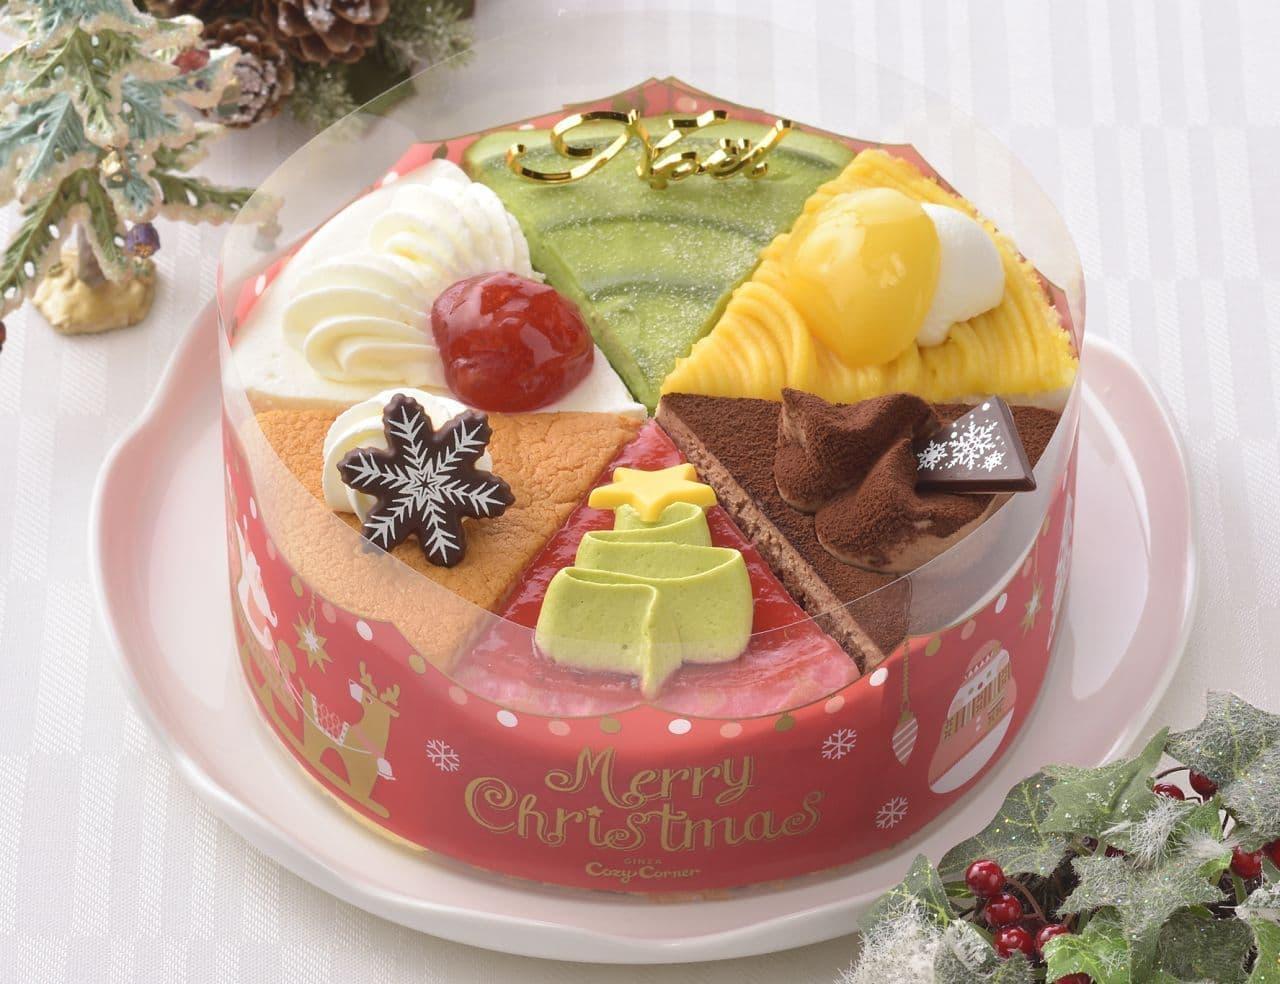 銀座コージーコーナー「6つのクリスマスアソート」